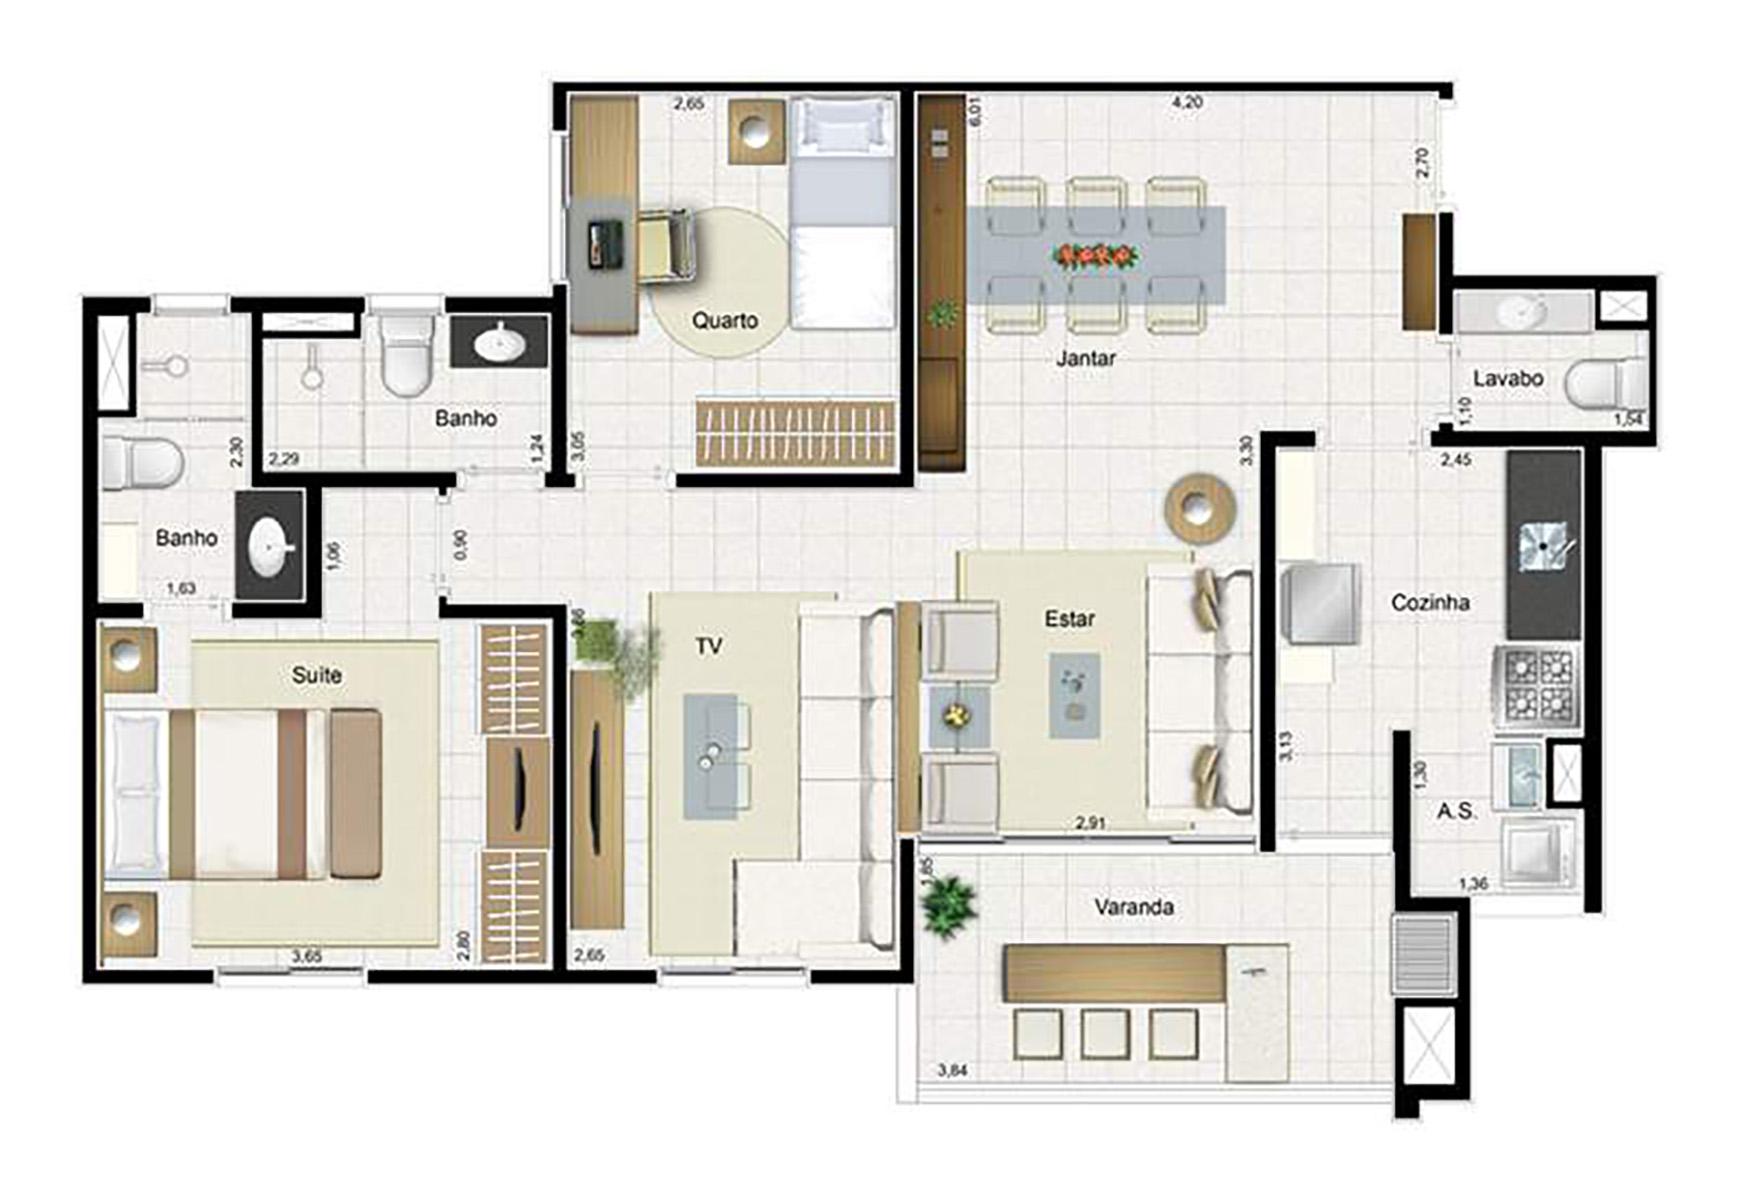 Ilustração Artística da Planta 85 m² tipo 2 Aqua Clube Residencial